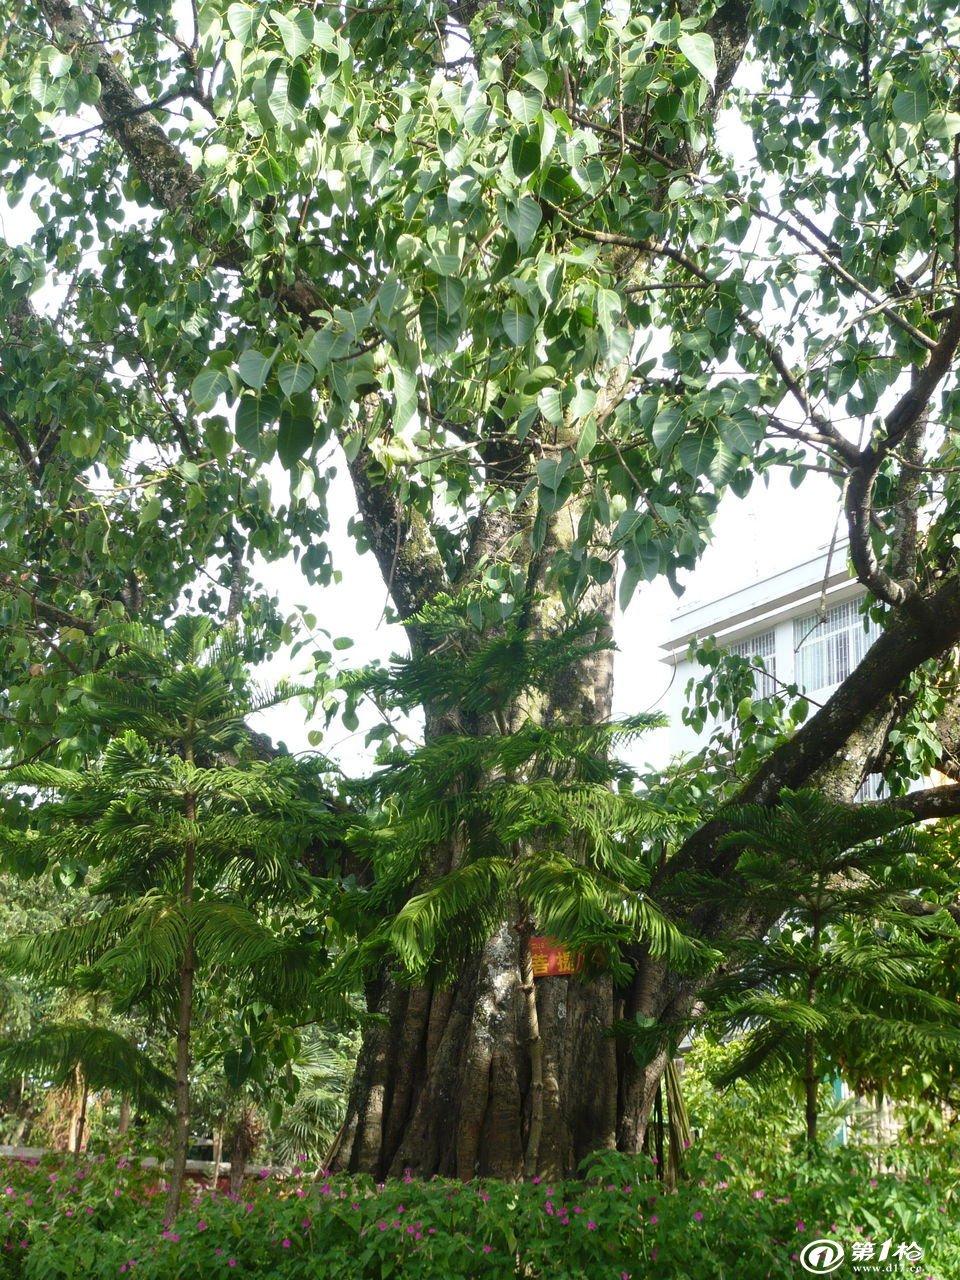 年),印度僧人智药三藏从西竺引种菩提树于广州光孝寺坛前.